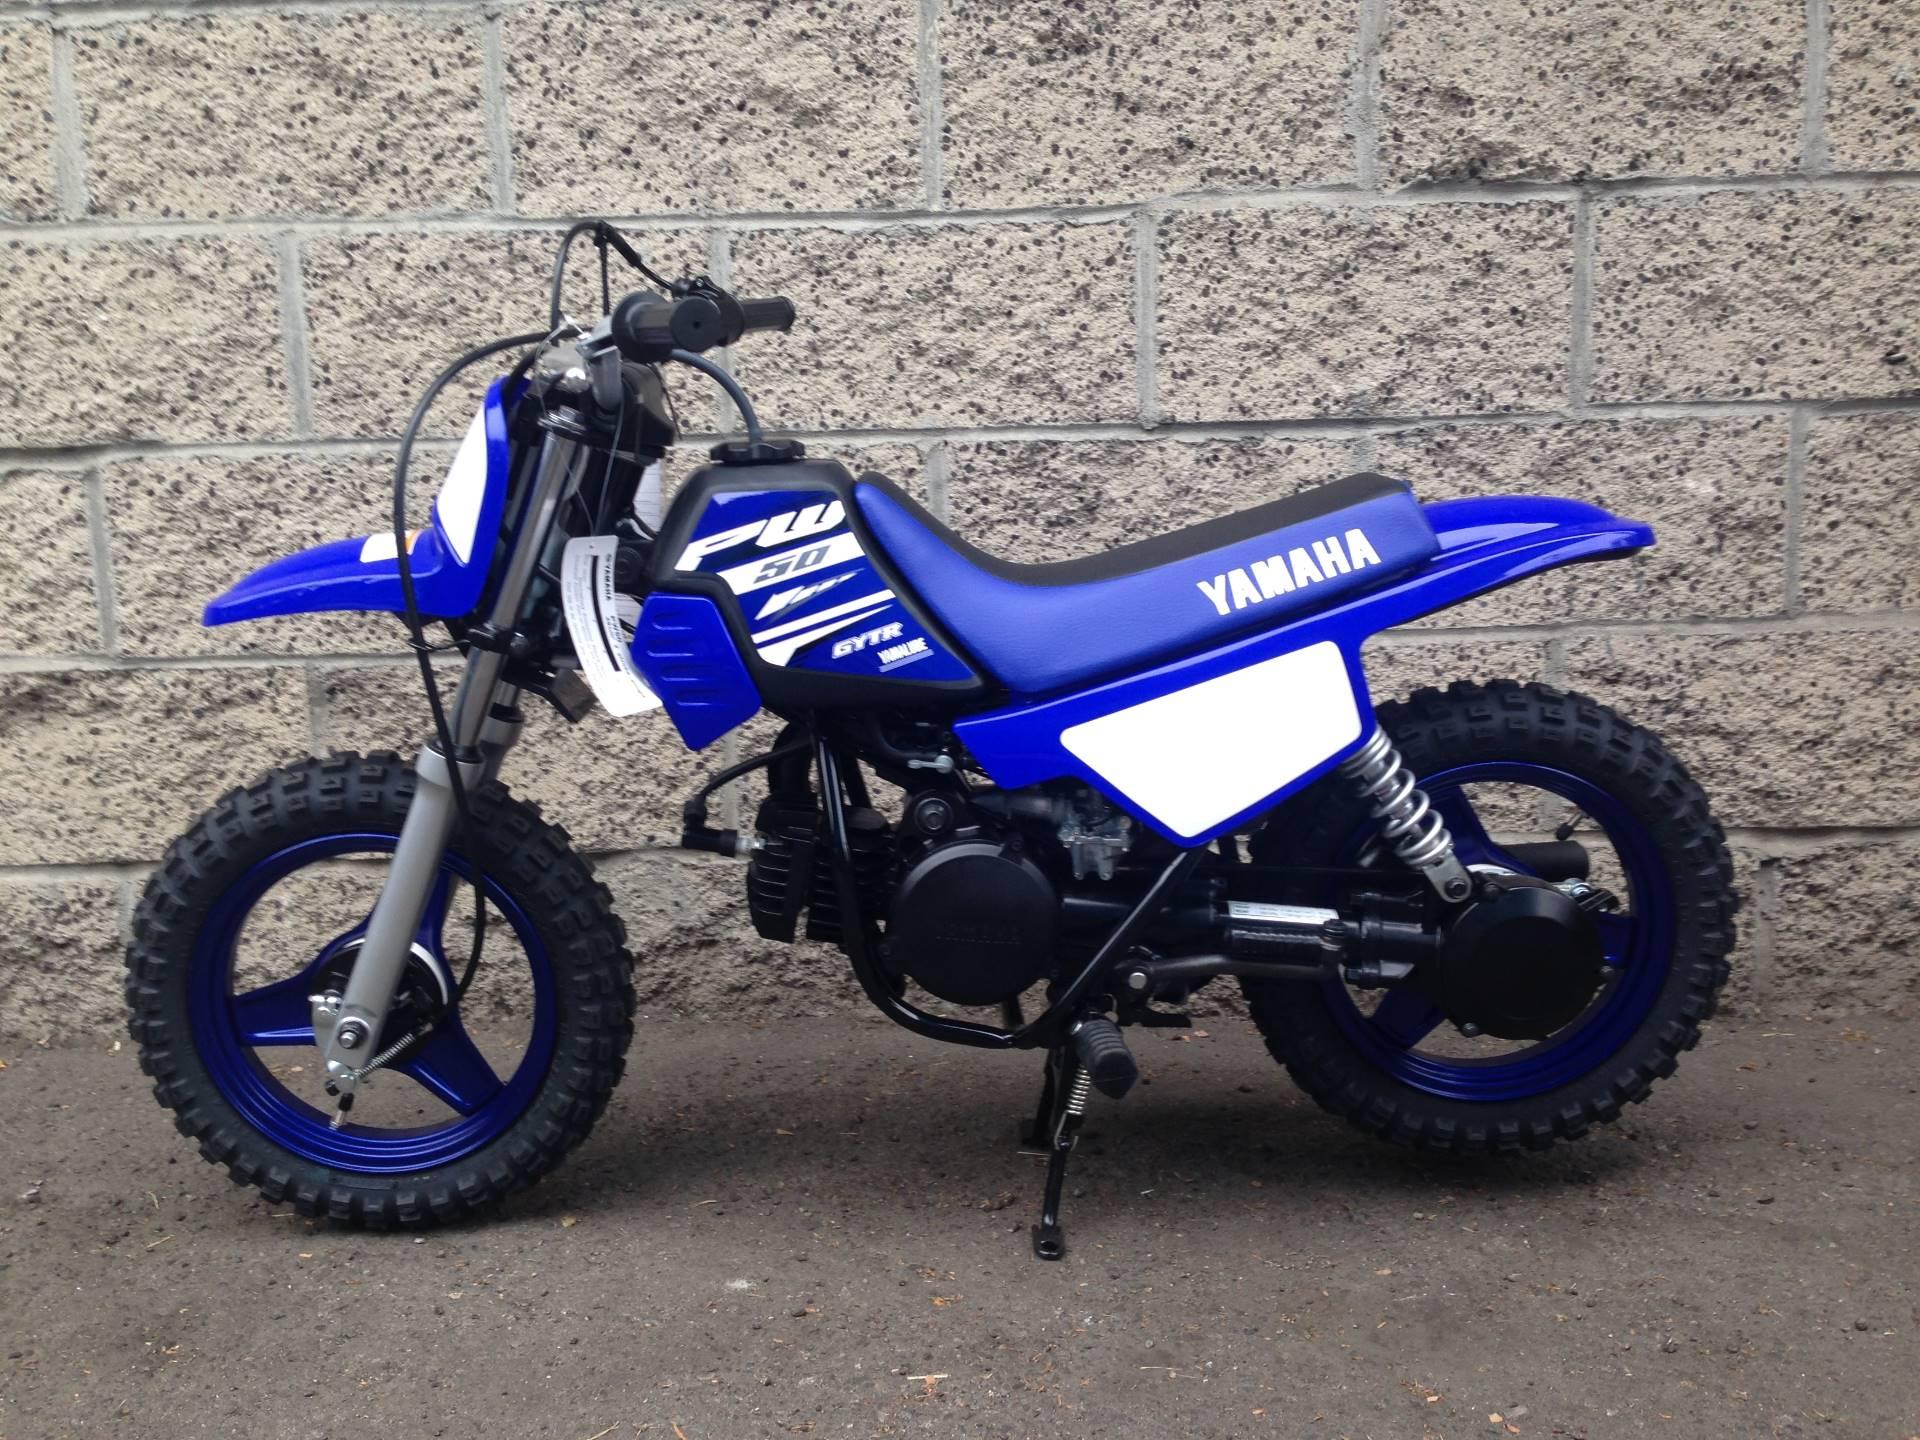 2018 Yamaha PW50 2